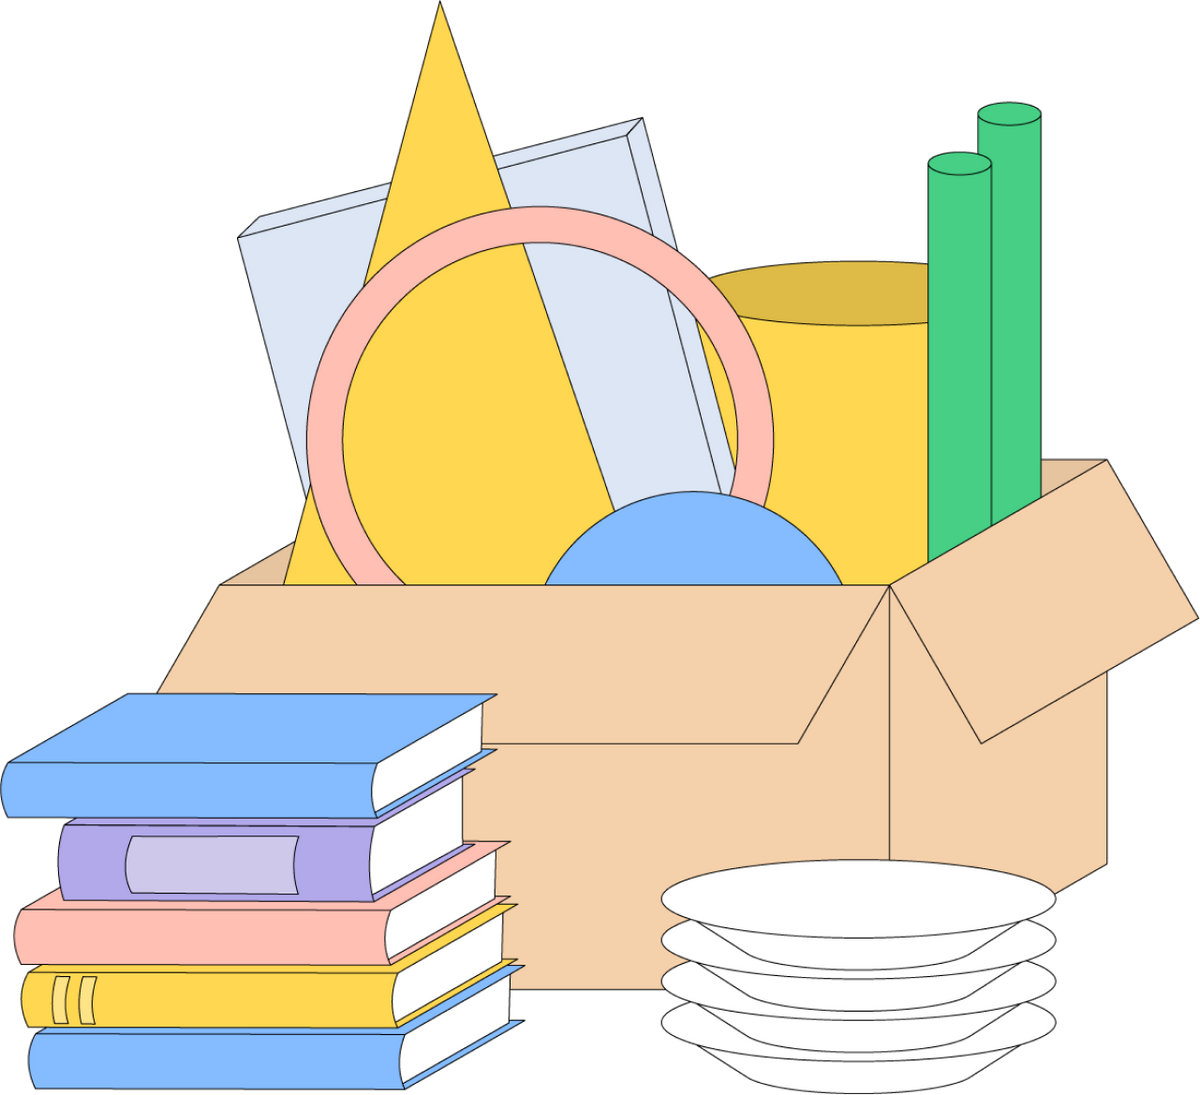 «Собрать вещи и перевезти их в один день»: 12 худших советов тем, кто переезжает